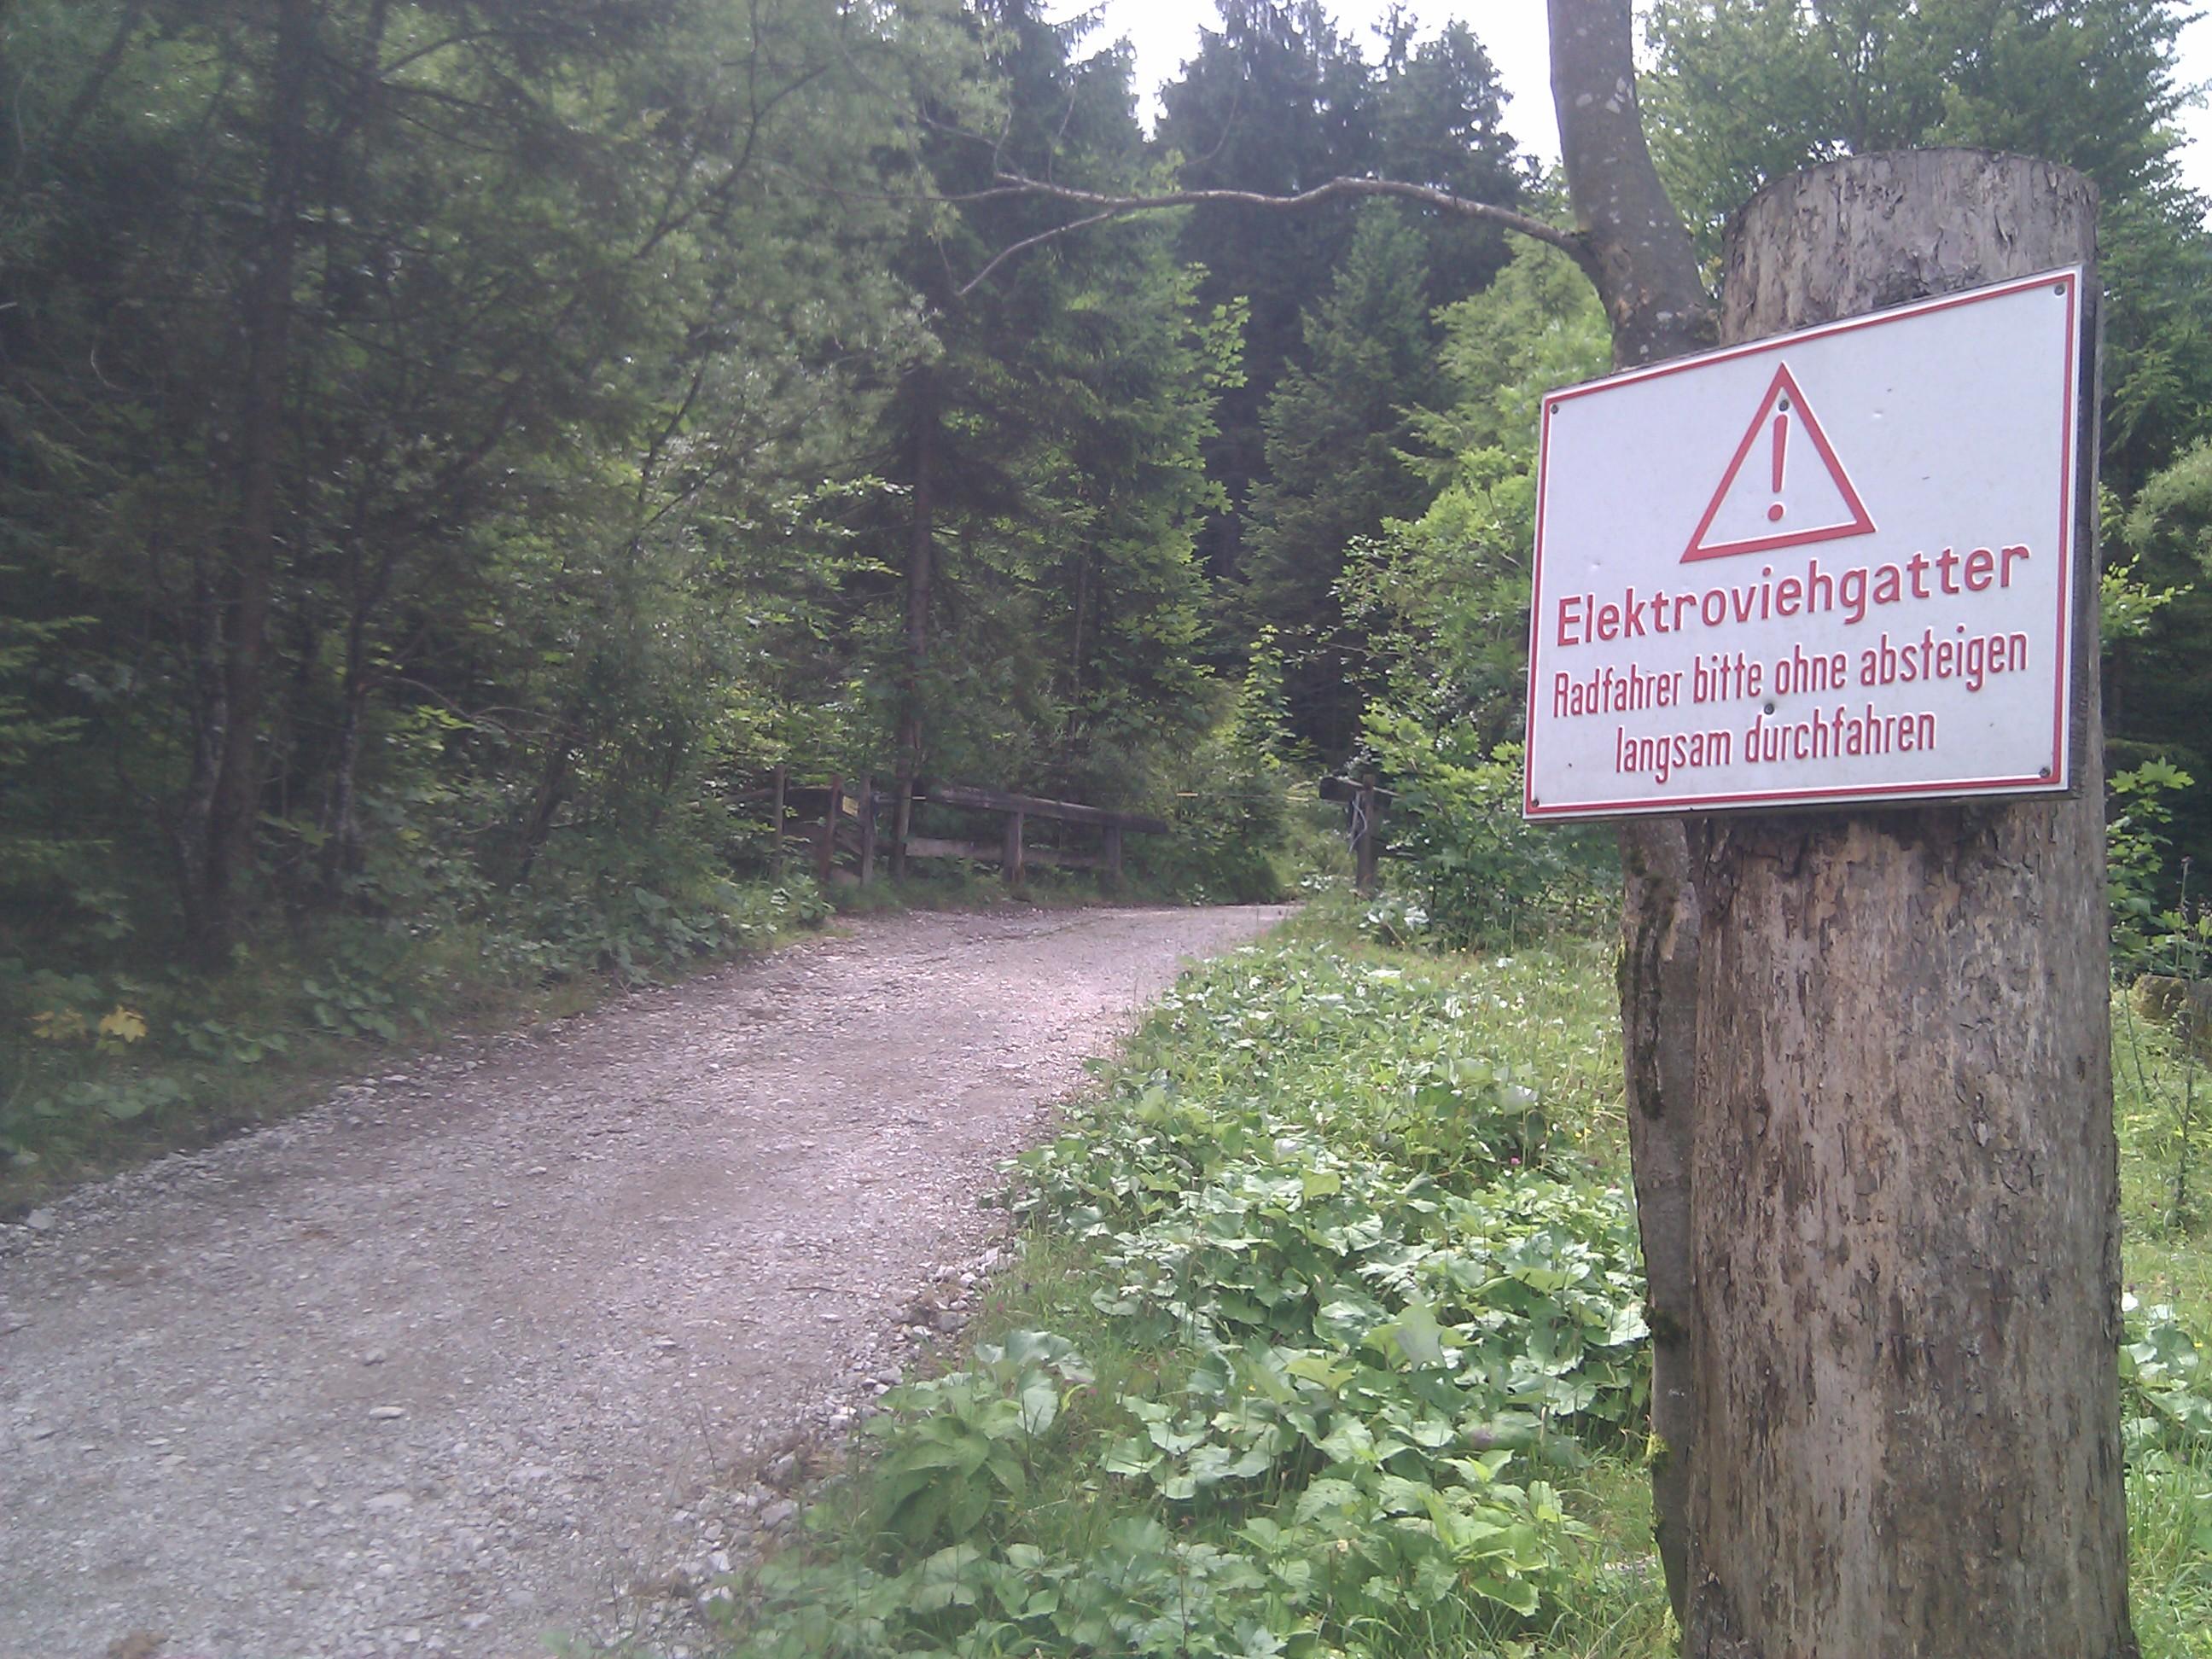 Elektroviegatter - Radfahrer bitte ohne absteigen langsam durchfahren!